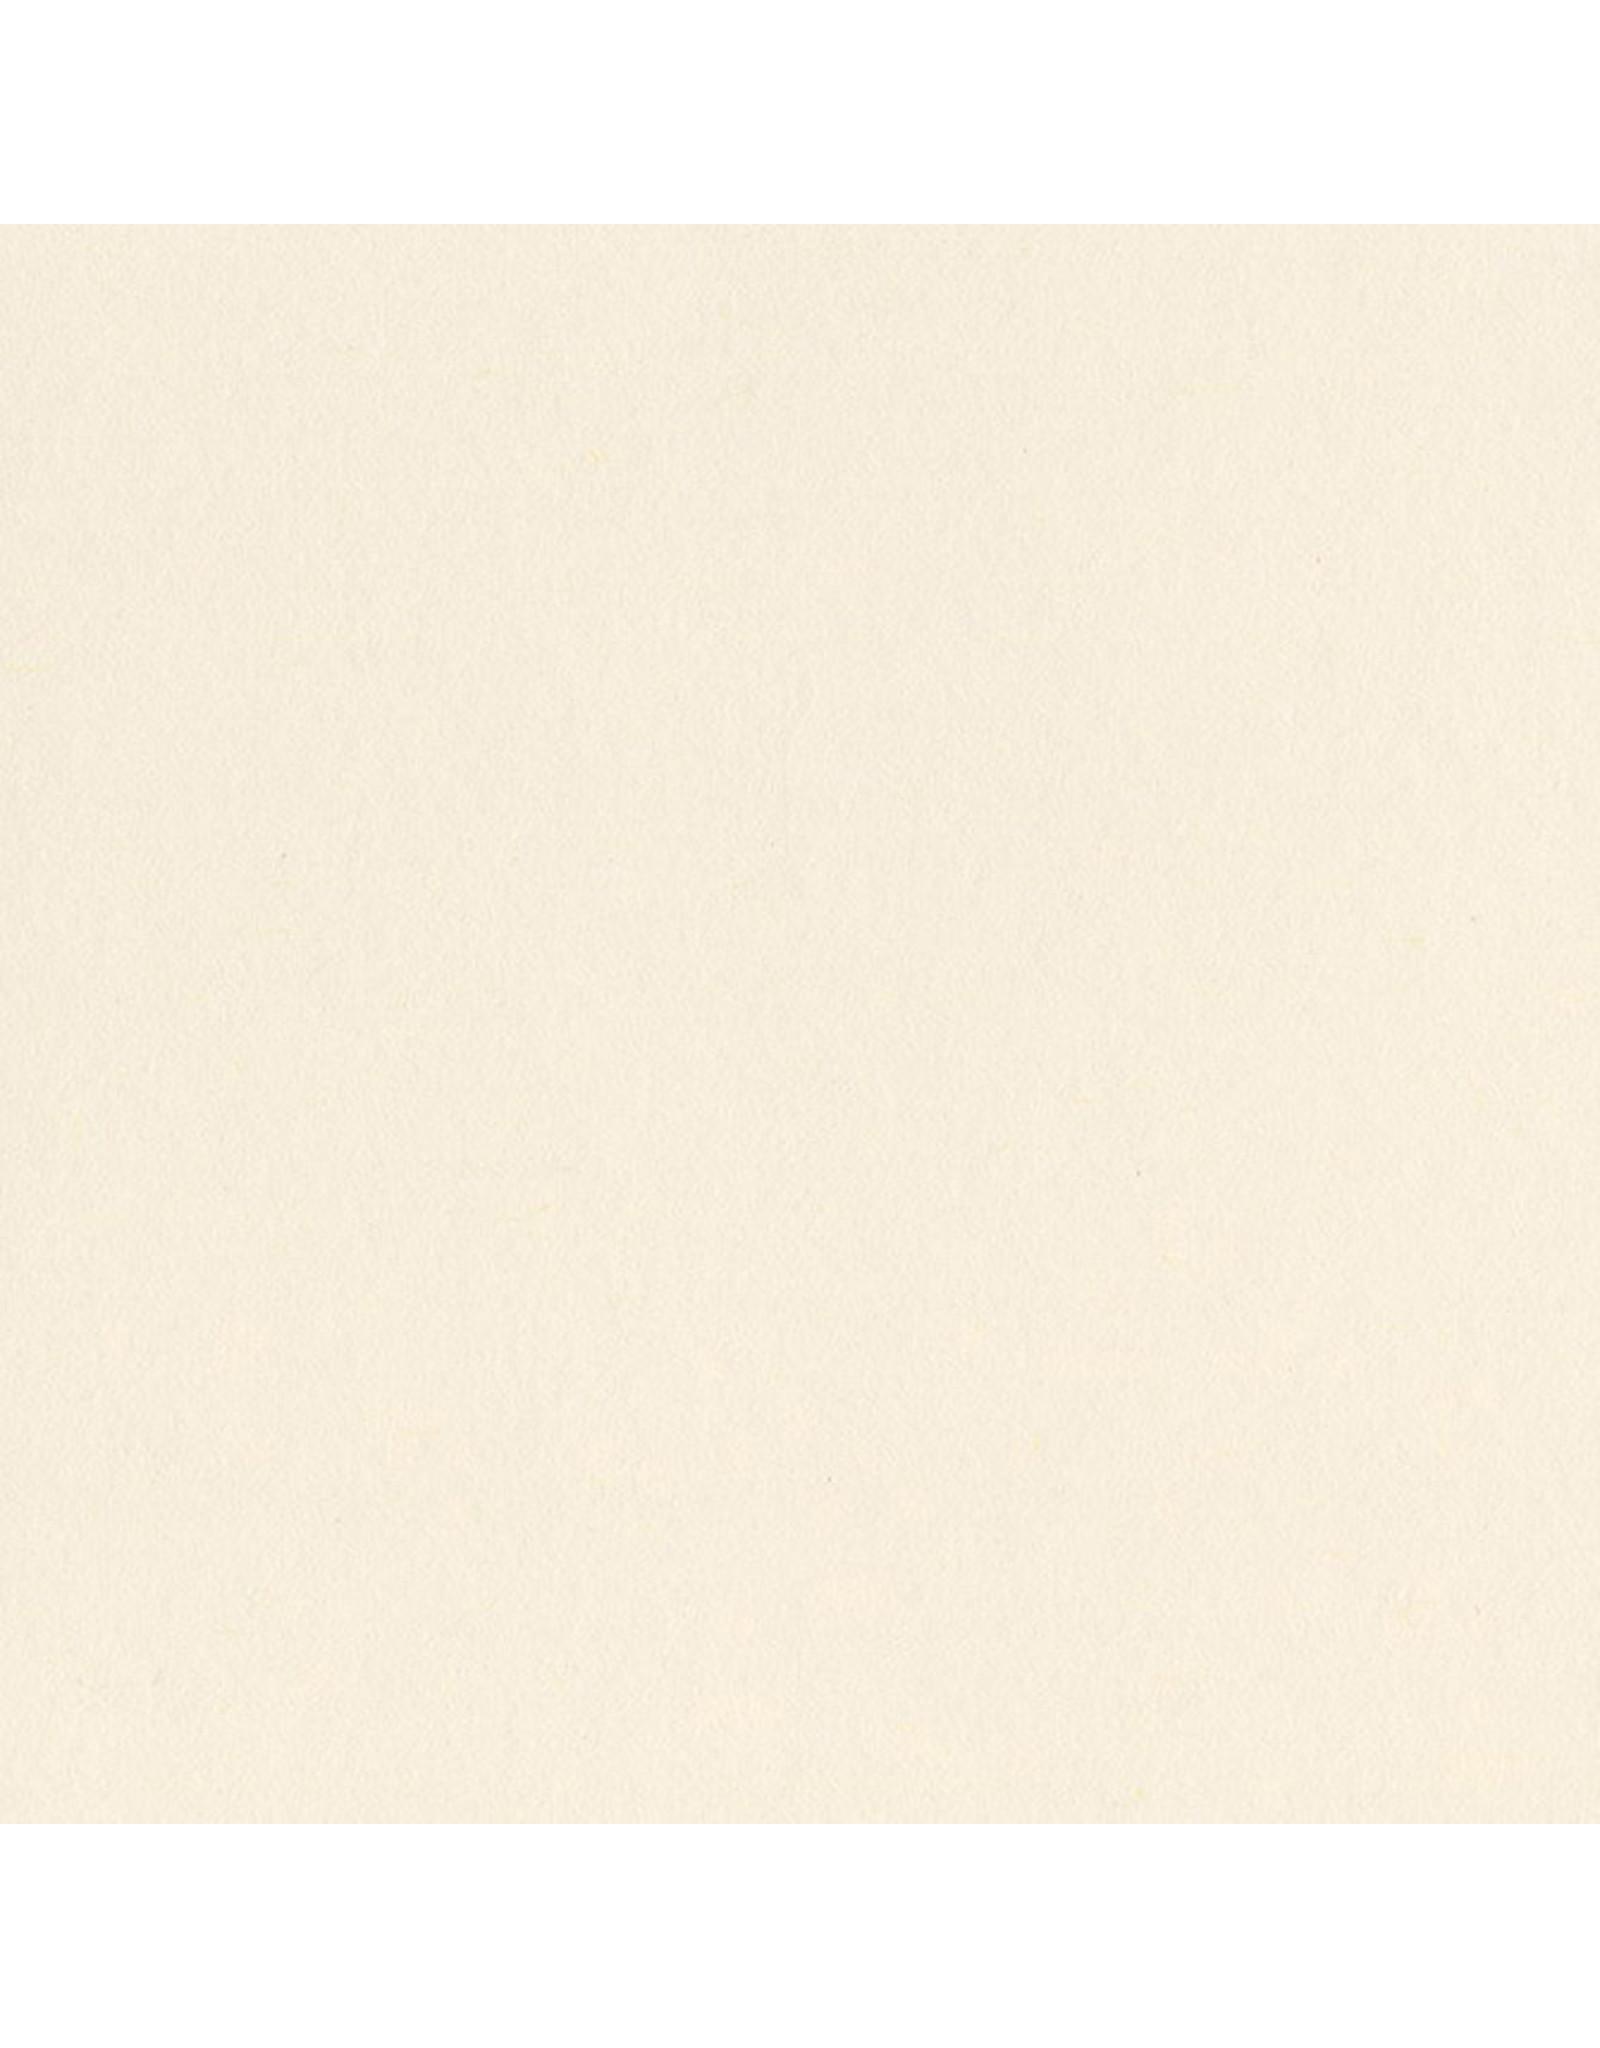 Bazzill Bazzill Card Shoppe 8.5x11 - Butter Mints